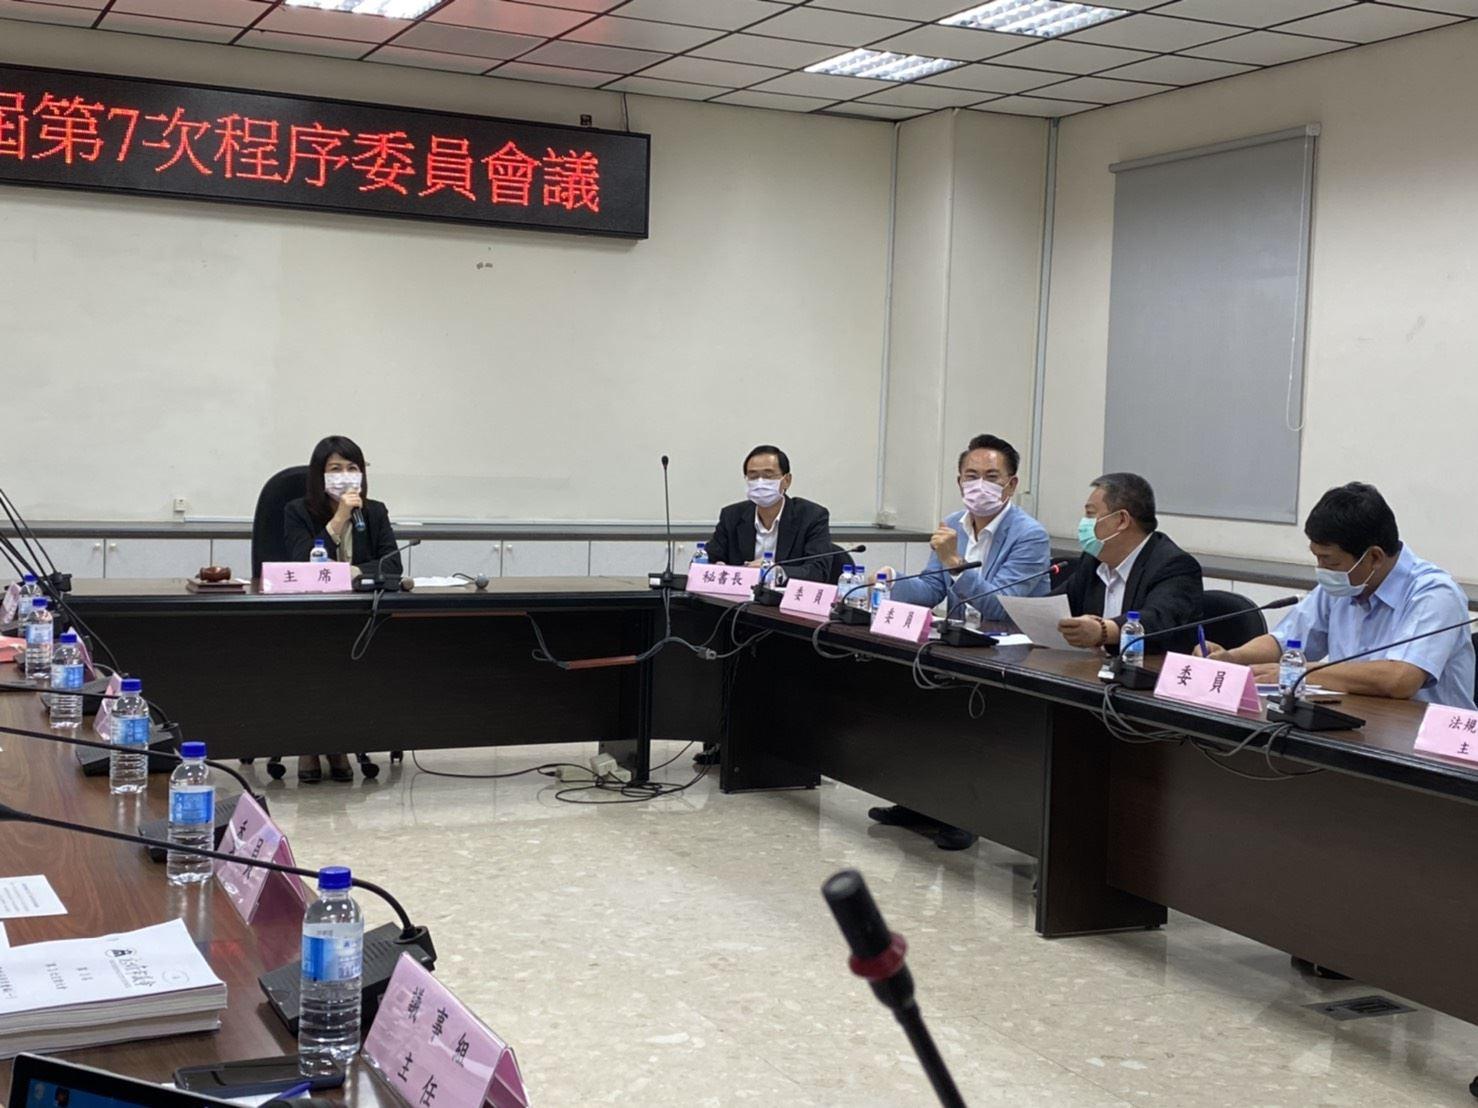 未具程序委員身分議員干擾會議,副議長陸淑美表示遺憾